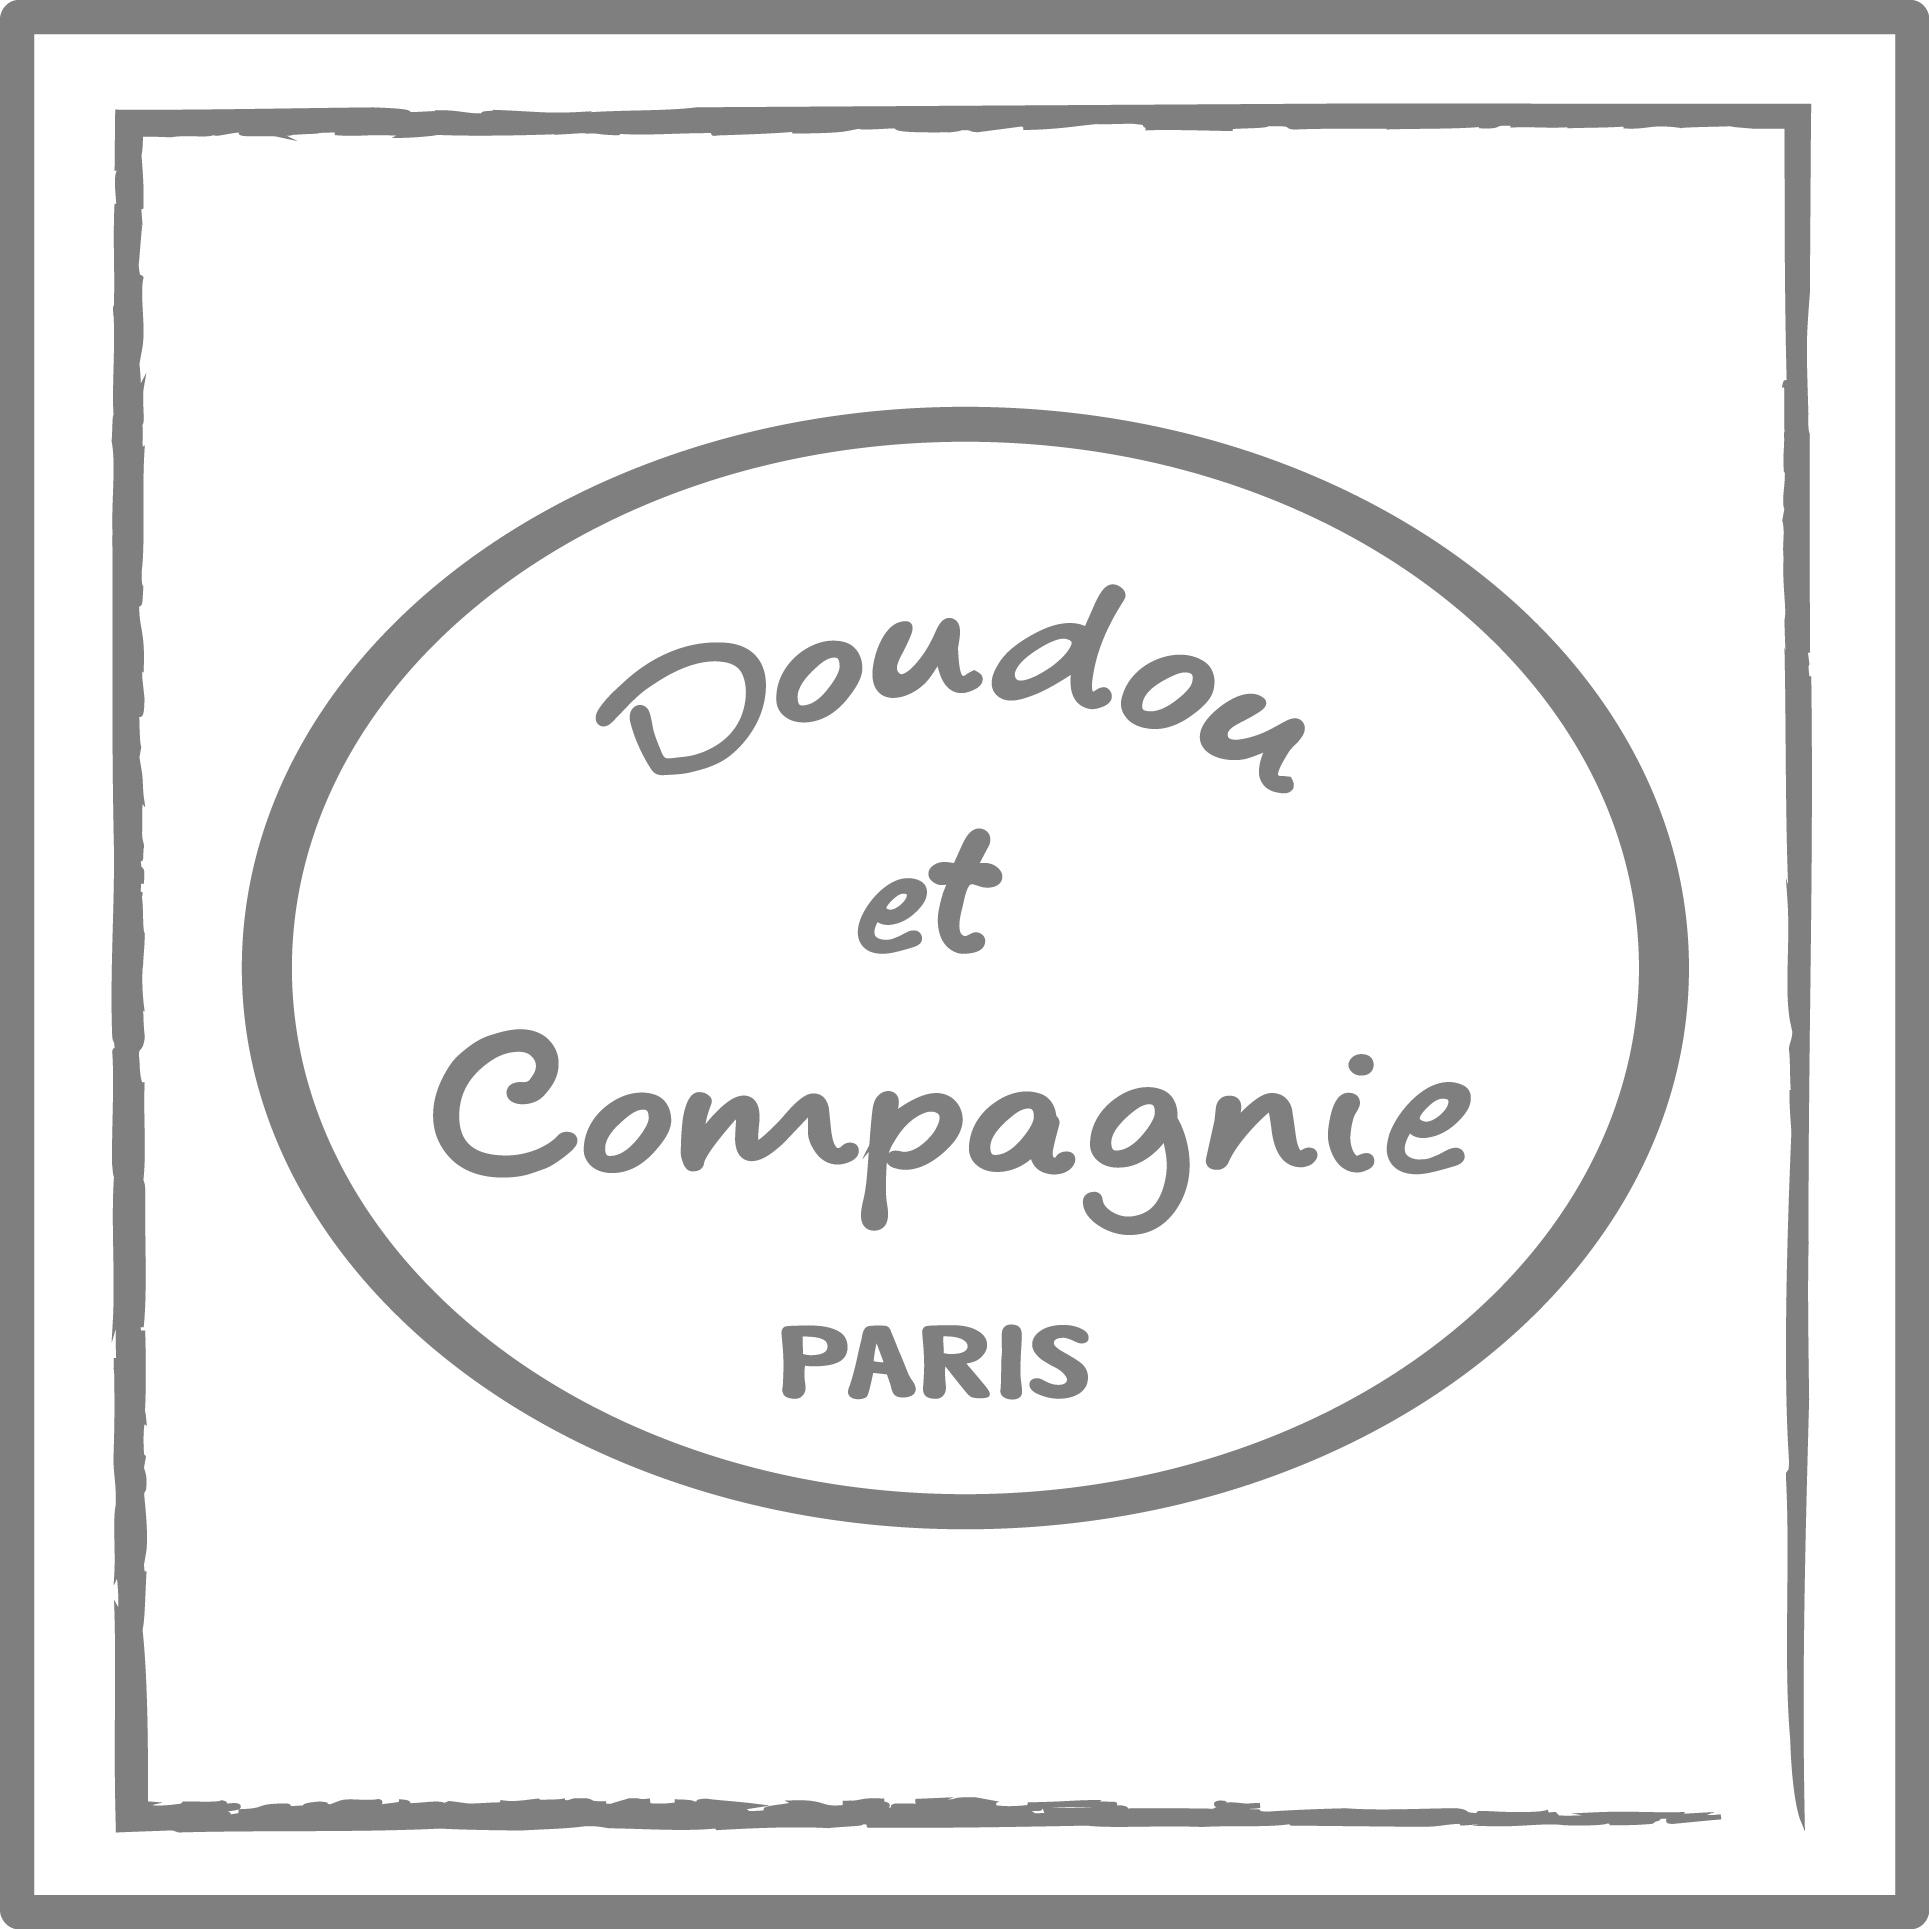 logo doudou et compagnie